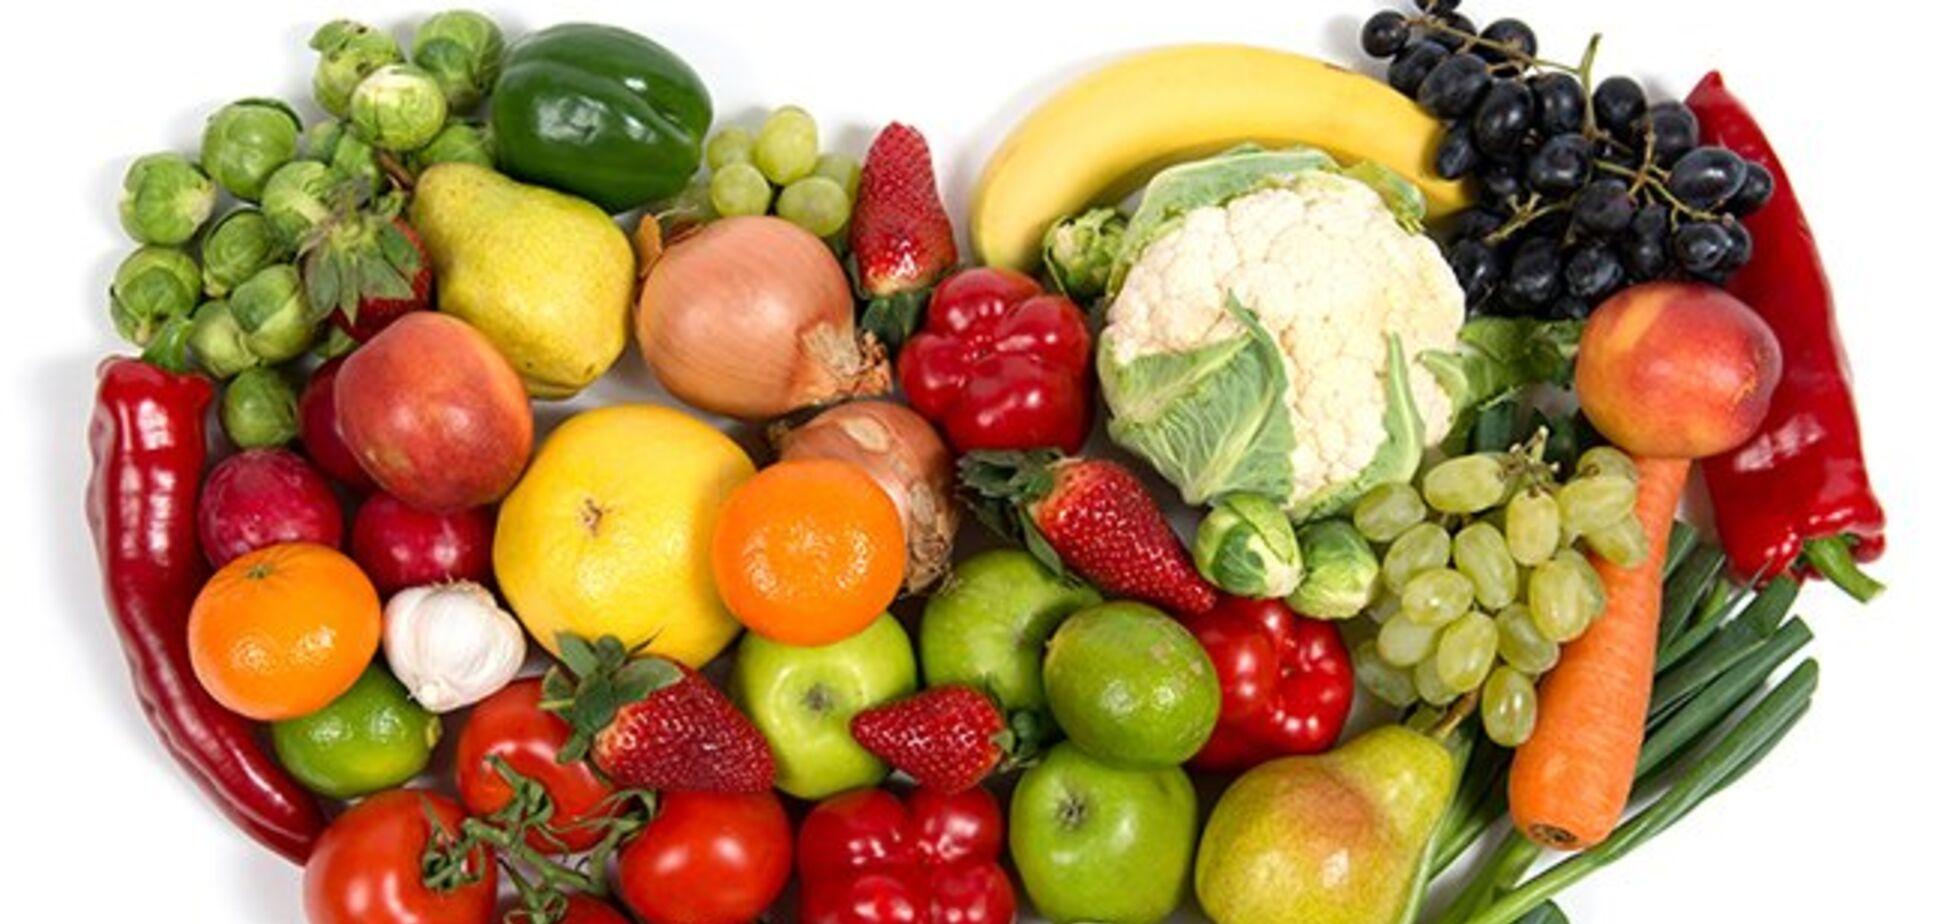 Есть всем! Названы самые полезные фрукты и овощи июля